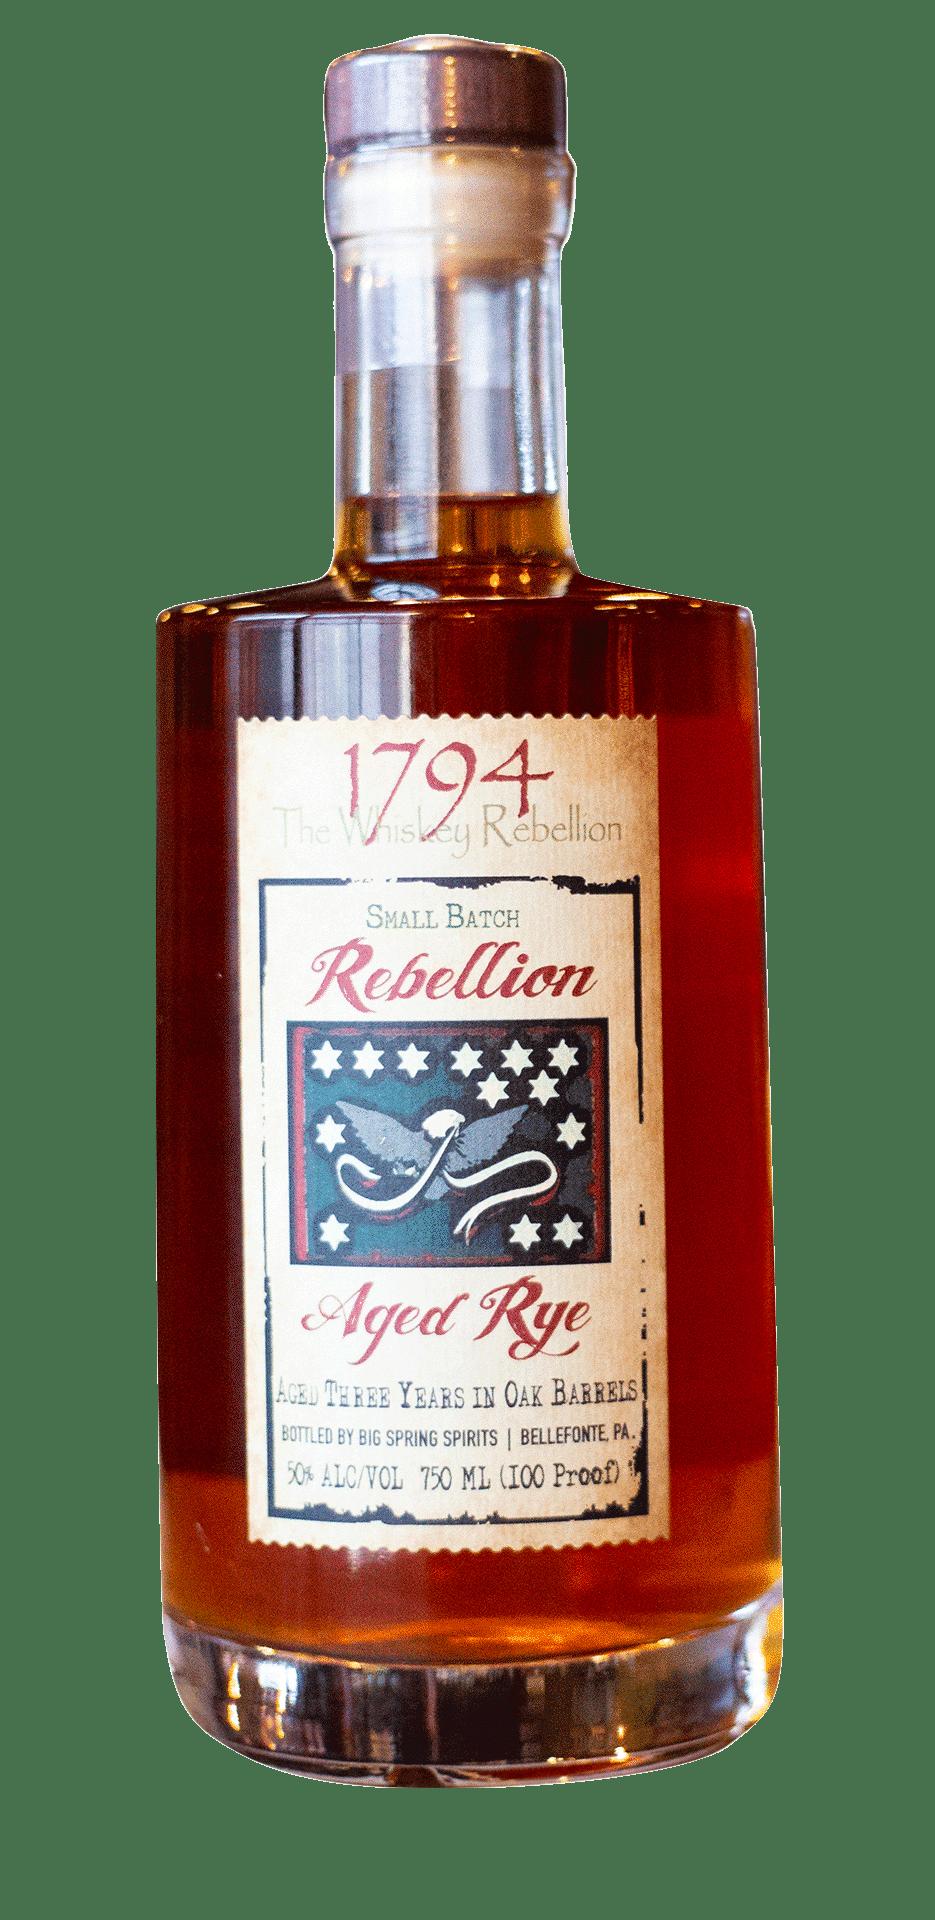 1794 The Whiskey Rebellion Aged Rye